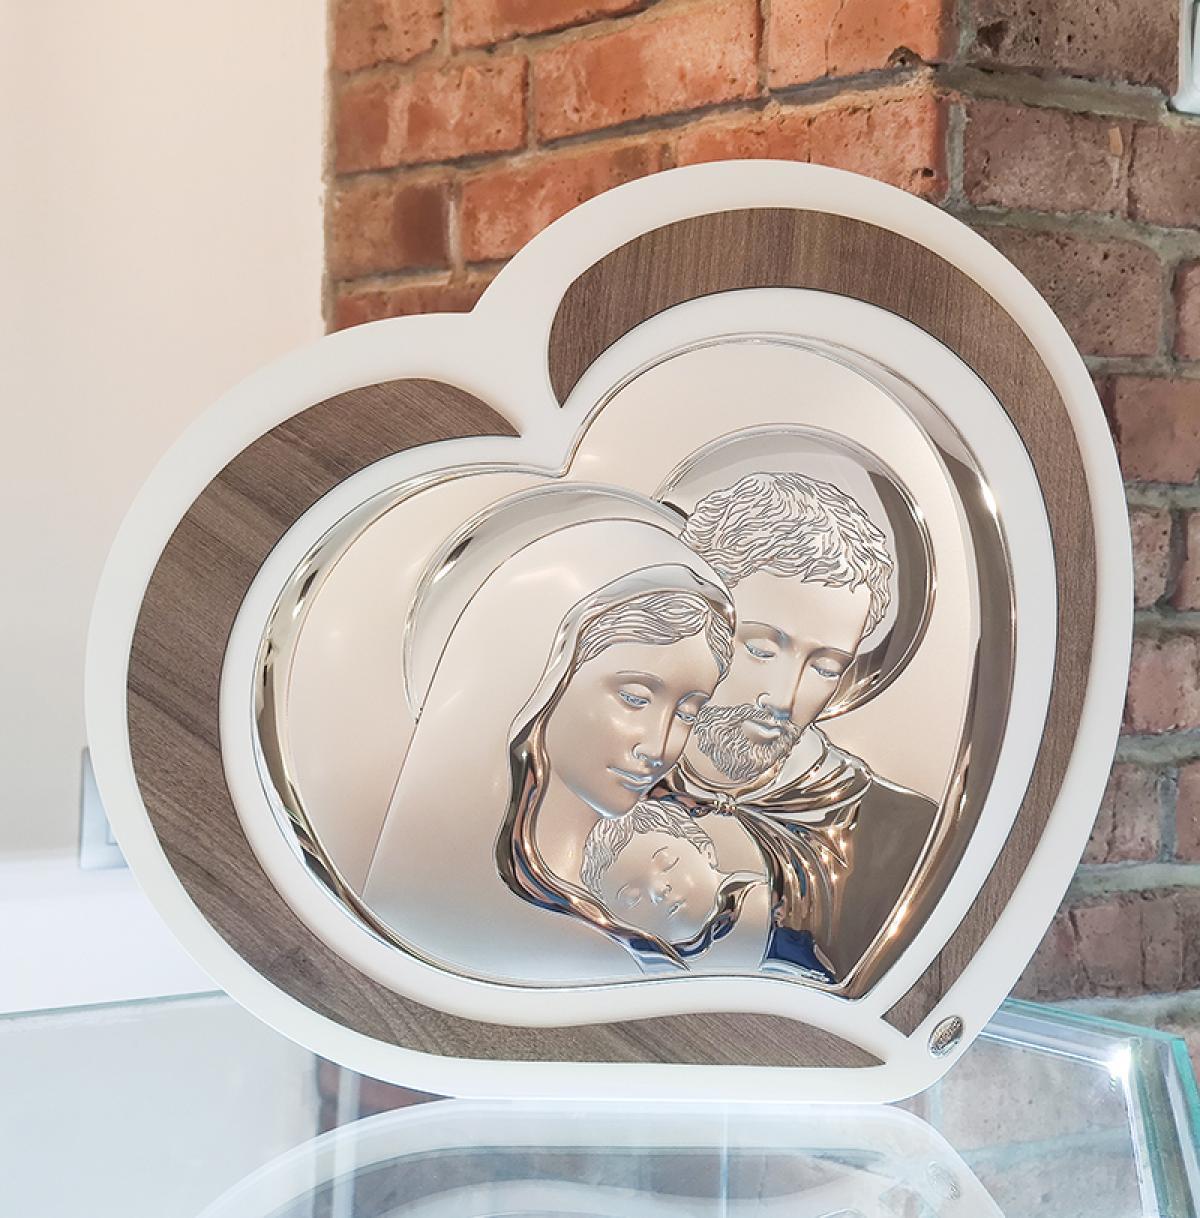 Ікона срібна у формі серця ``Свята Родина`` (52х47см) L220 7